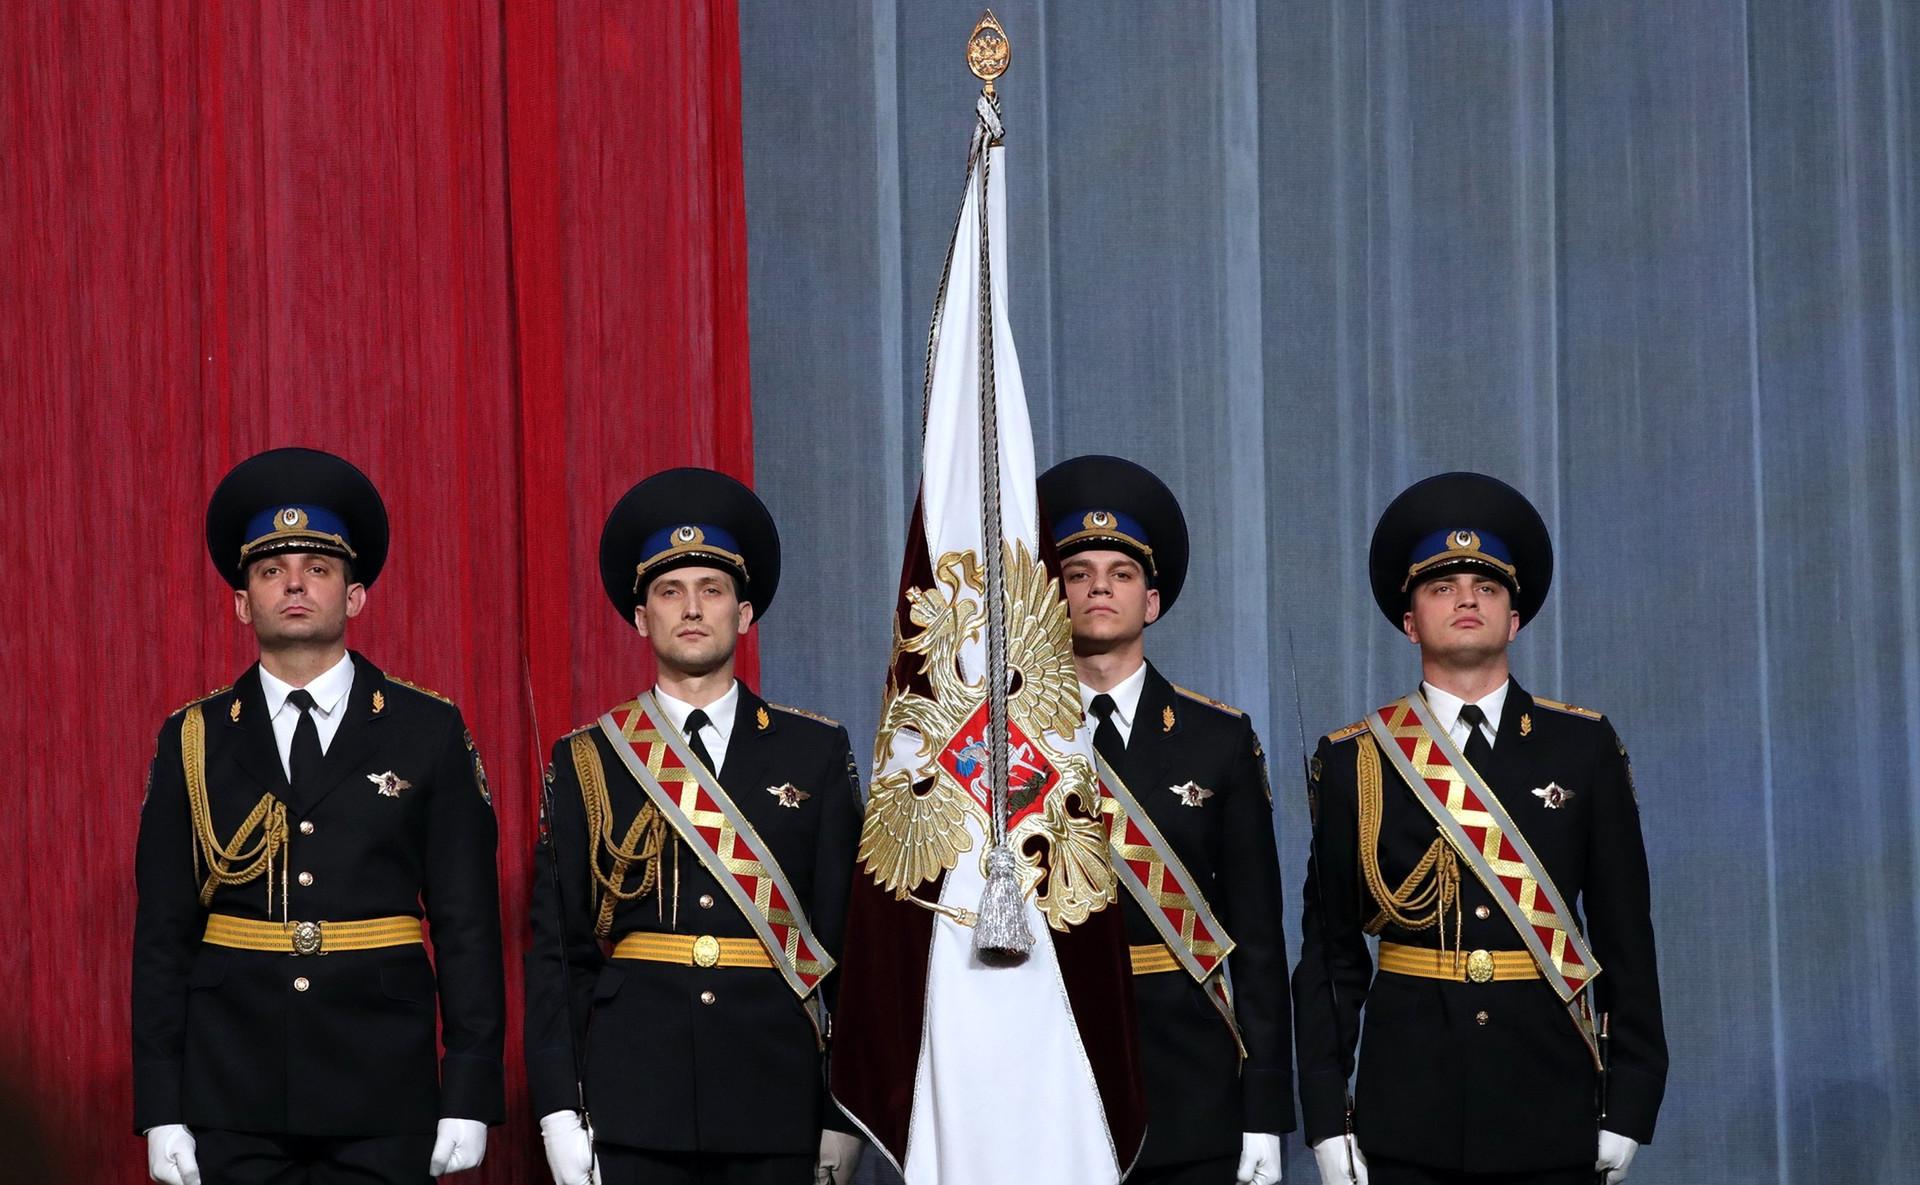 Припадниците на Росгвардија (Руската национална гарда) на прием во Кремљ, март 2017 година.